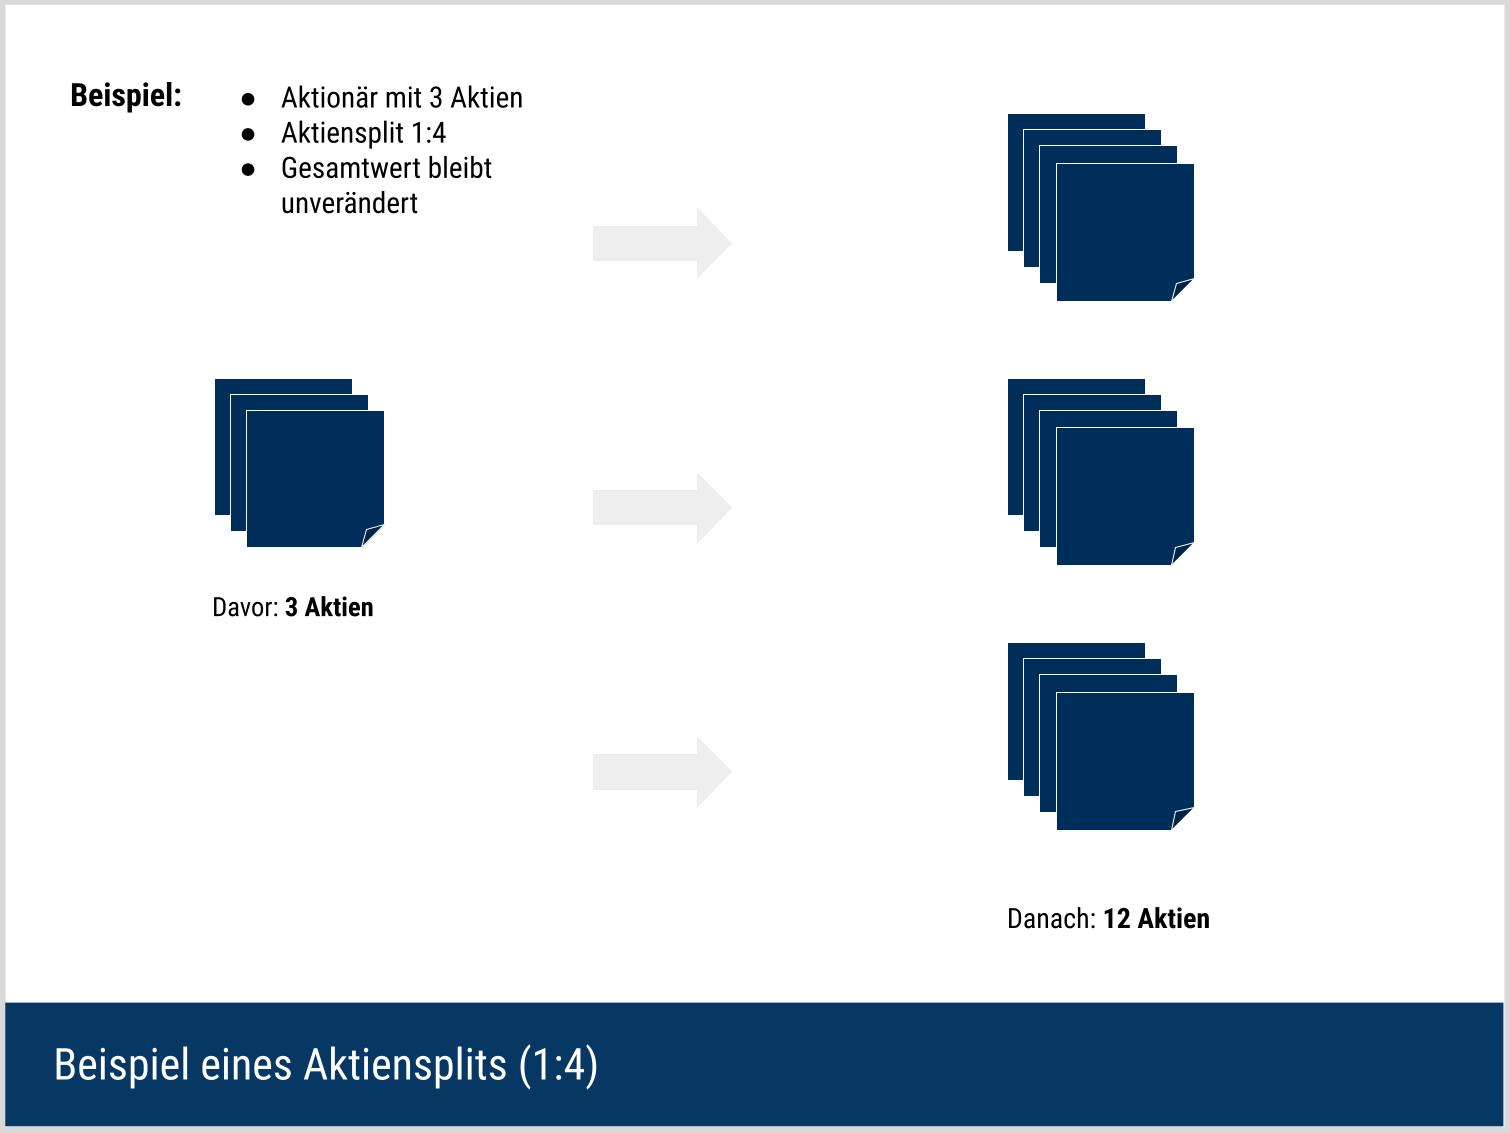 Aktiensplit - Erklärung des Ablaufs durch einen Beispiel